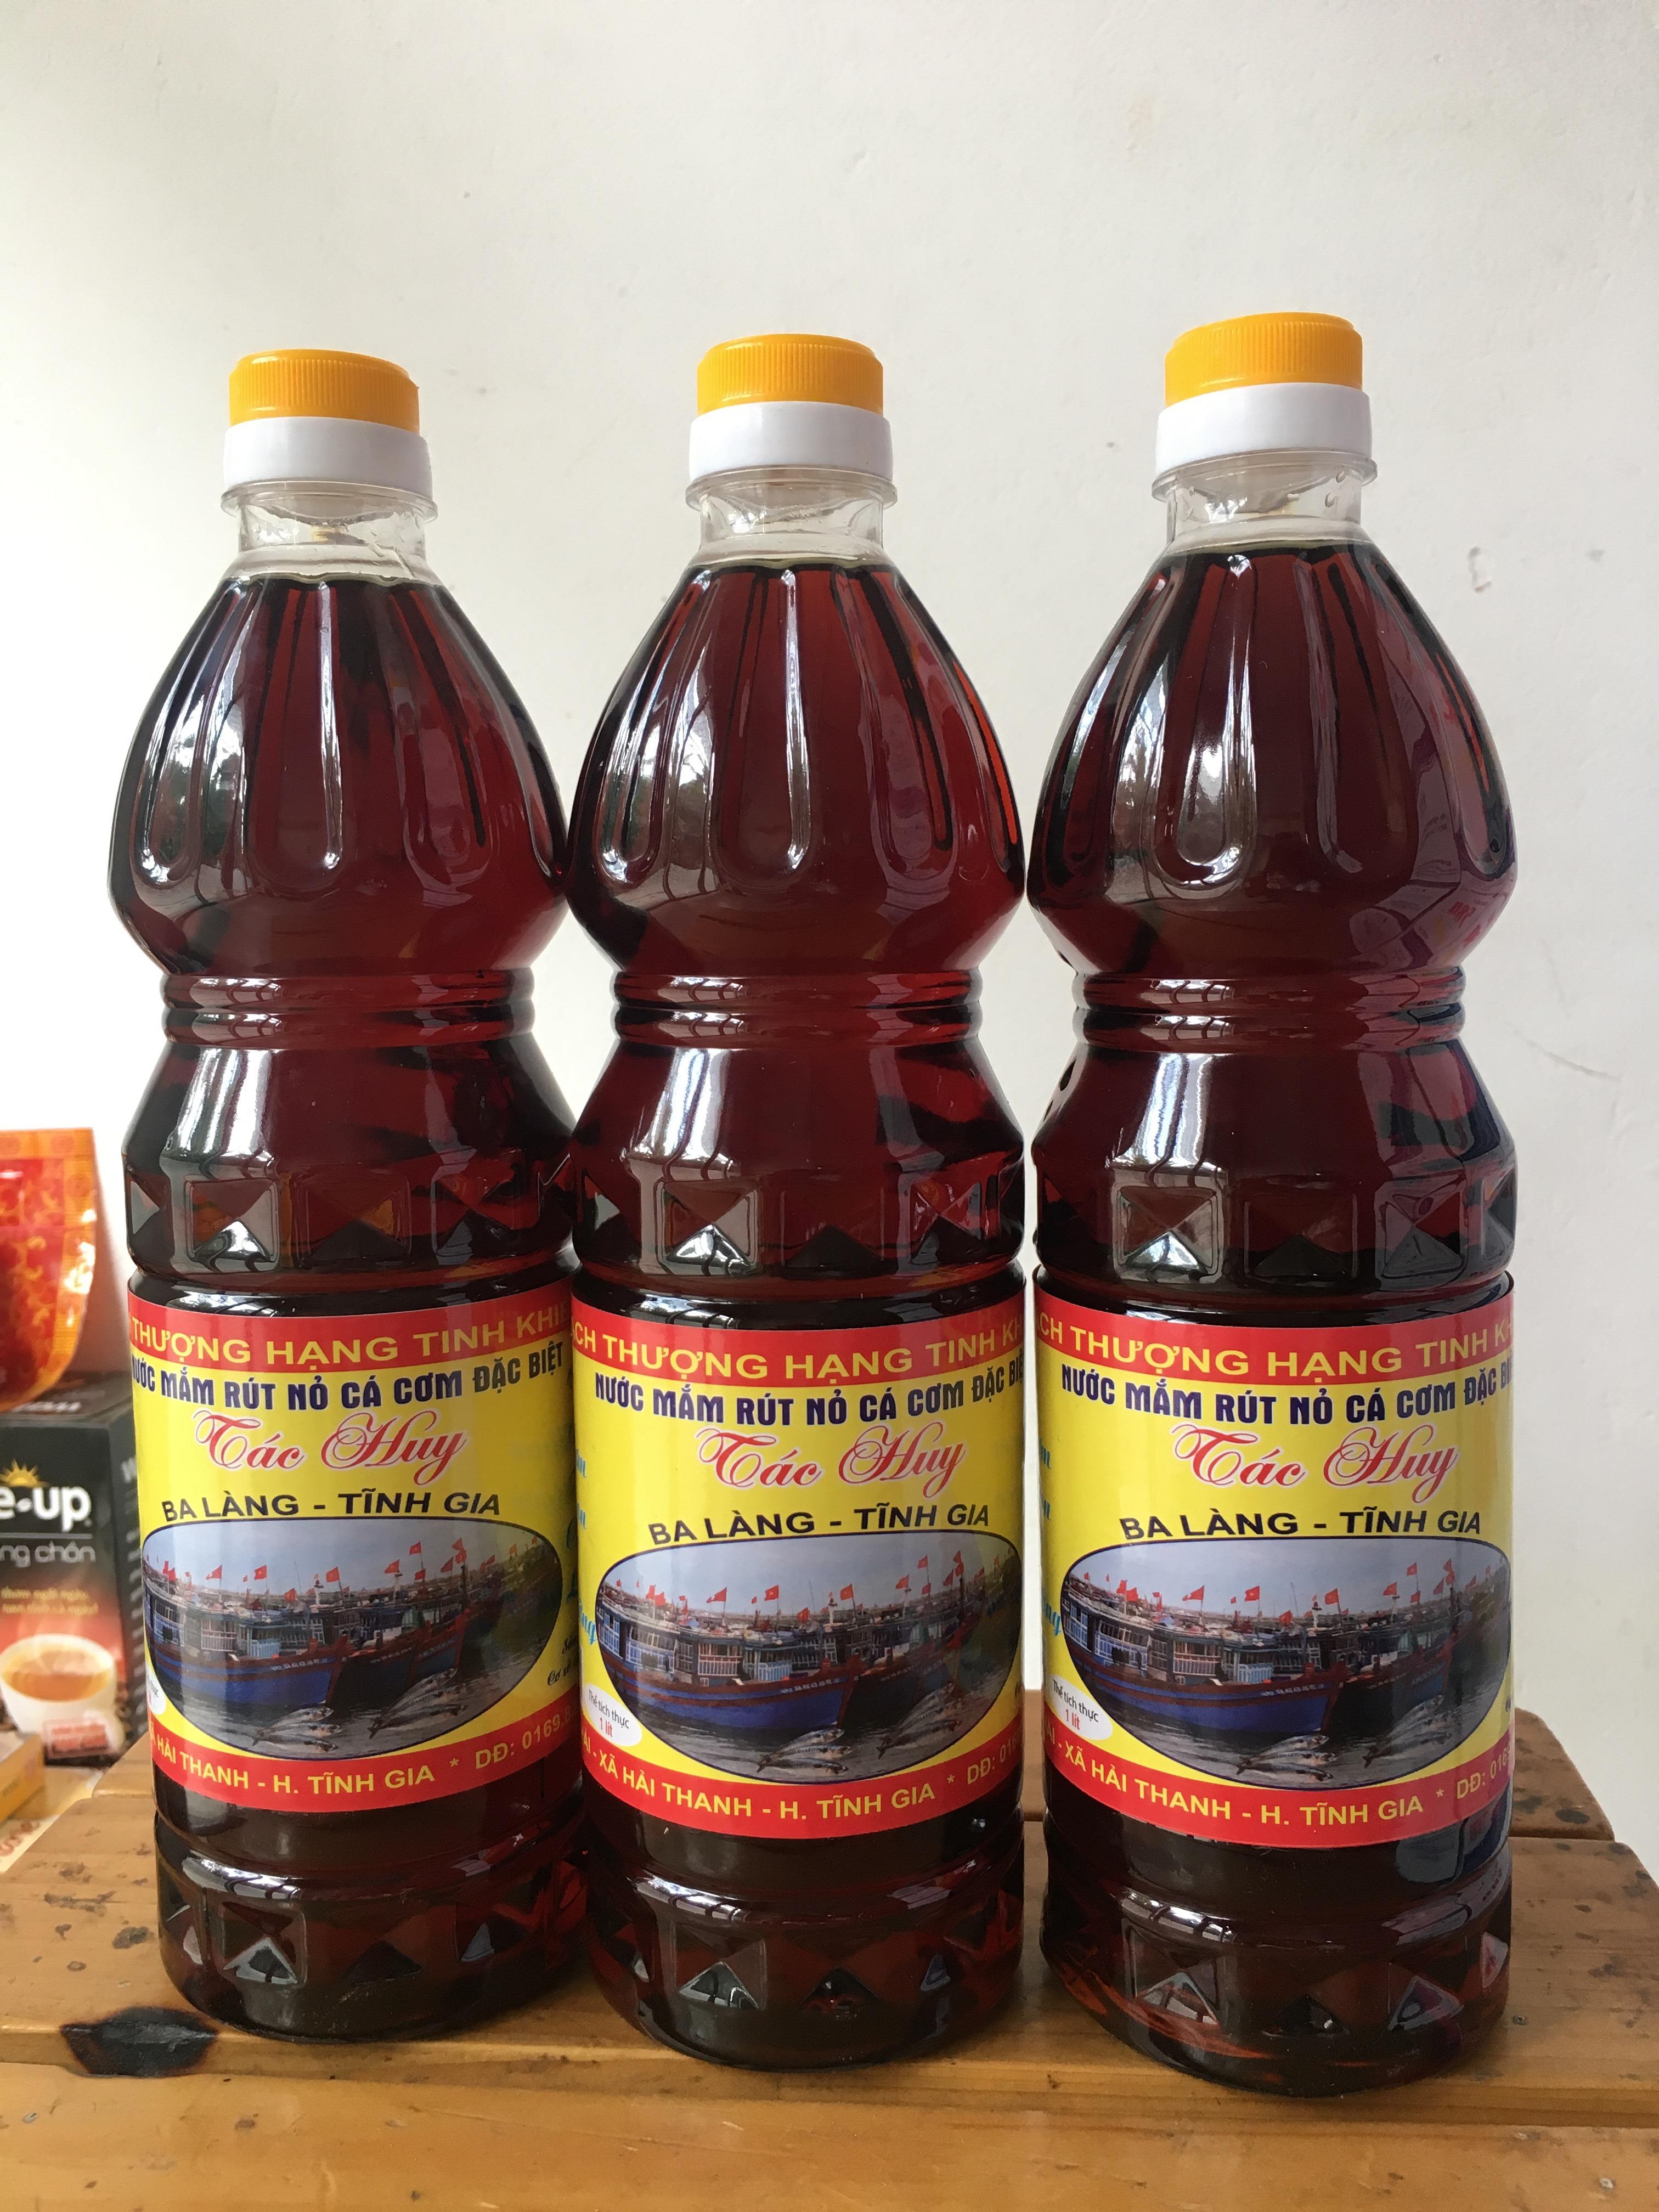 Nước mắm cốt rút nỏ đặc biệt cơ sở Tác Huy (chai 1l)